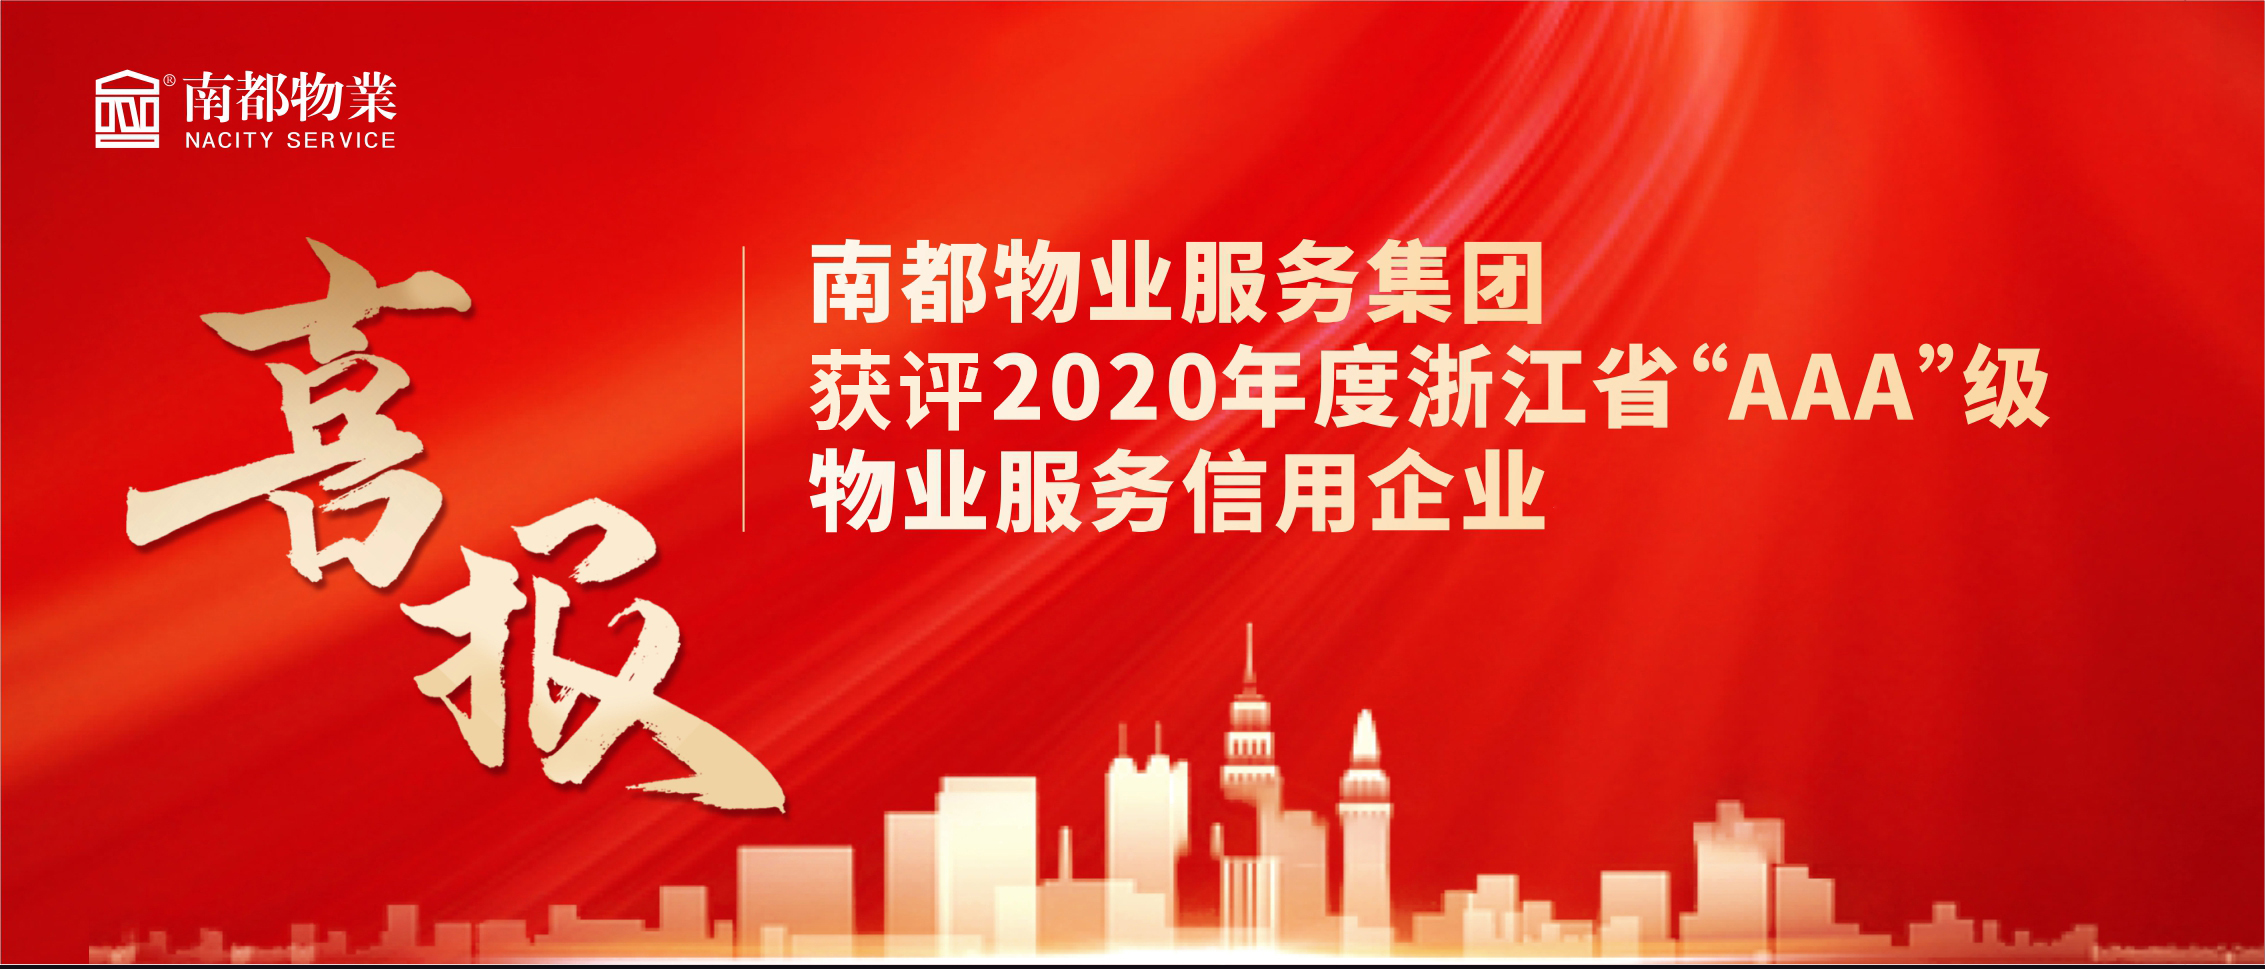 AAA级| 南都物业服务集团再次获评浙江省物业服务企业信用最高等级评定